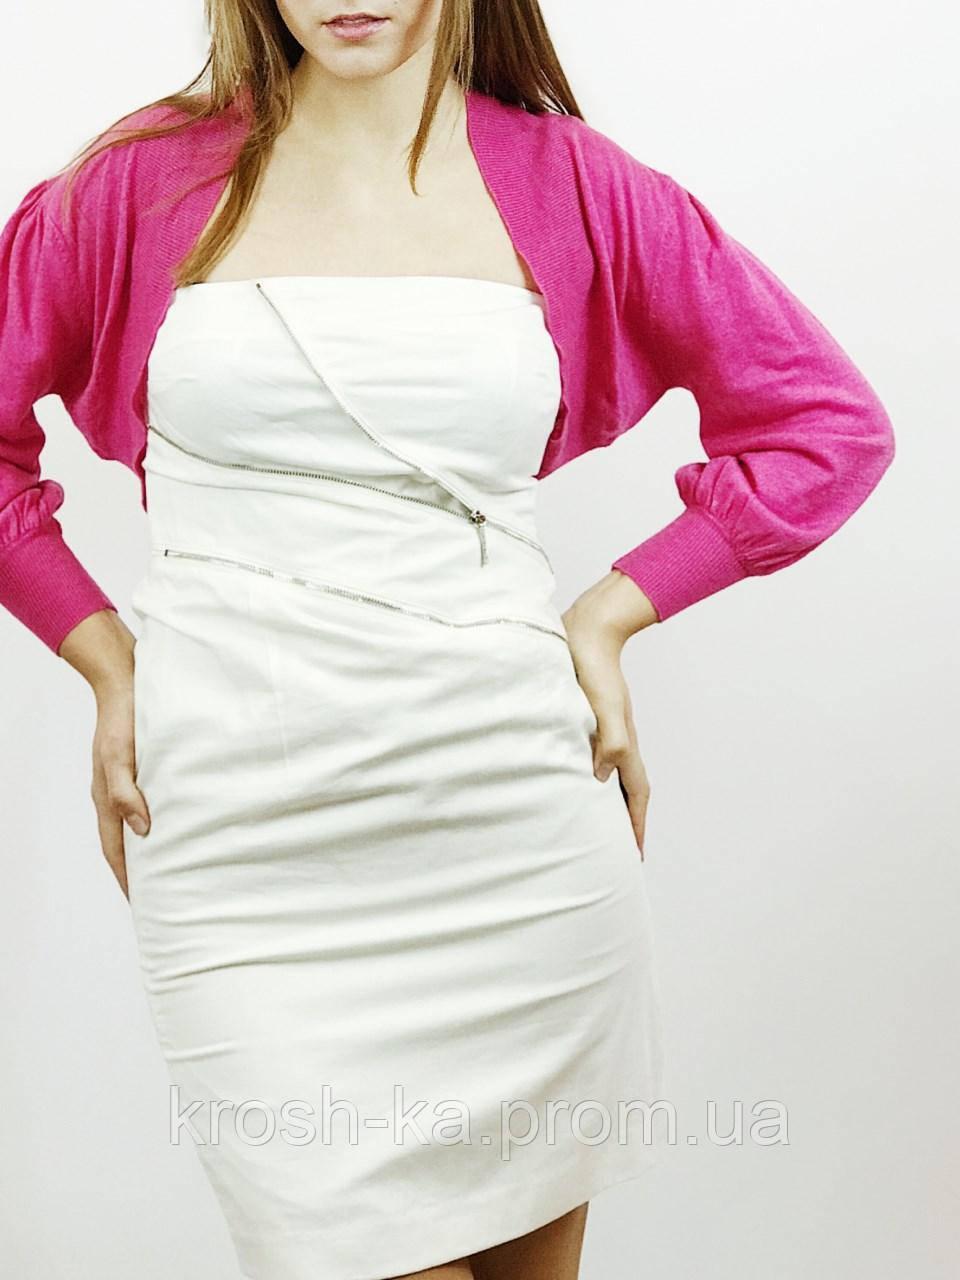 Платье бюстье женское экри(36)р Nysense Франция 61433